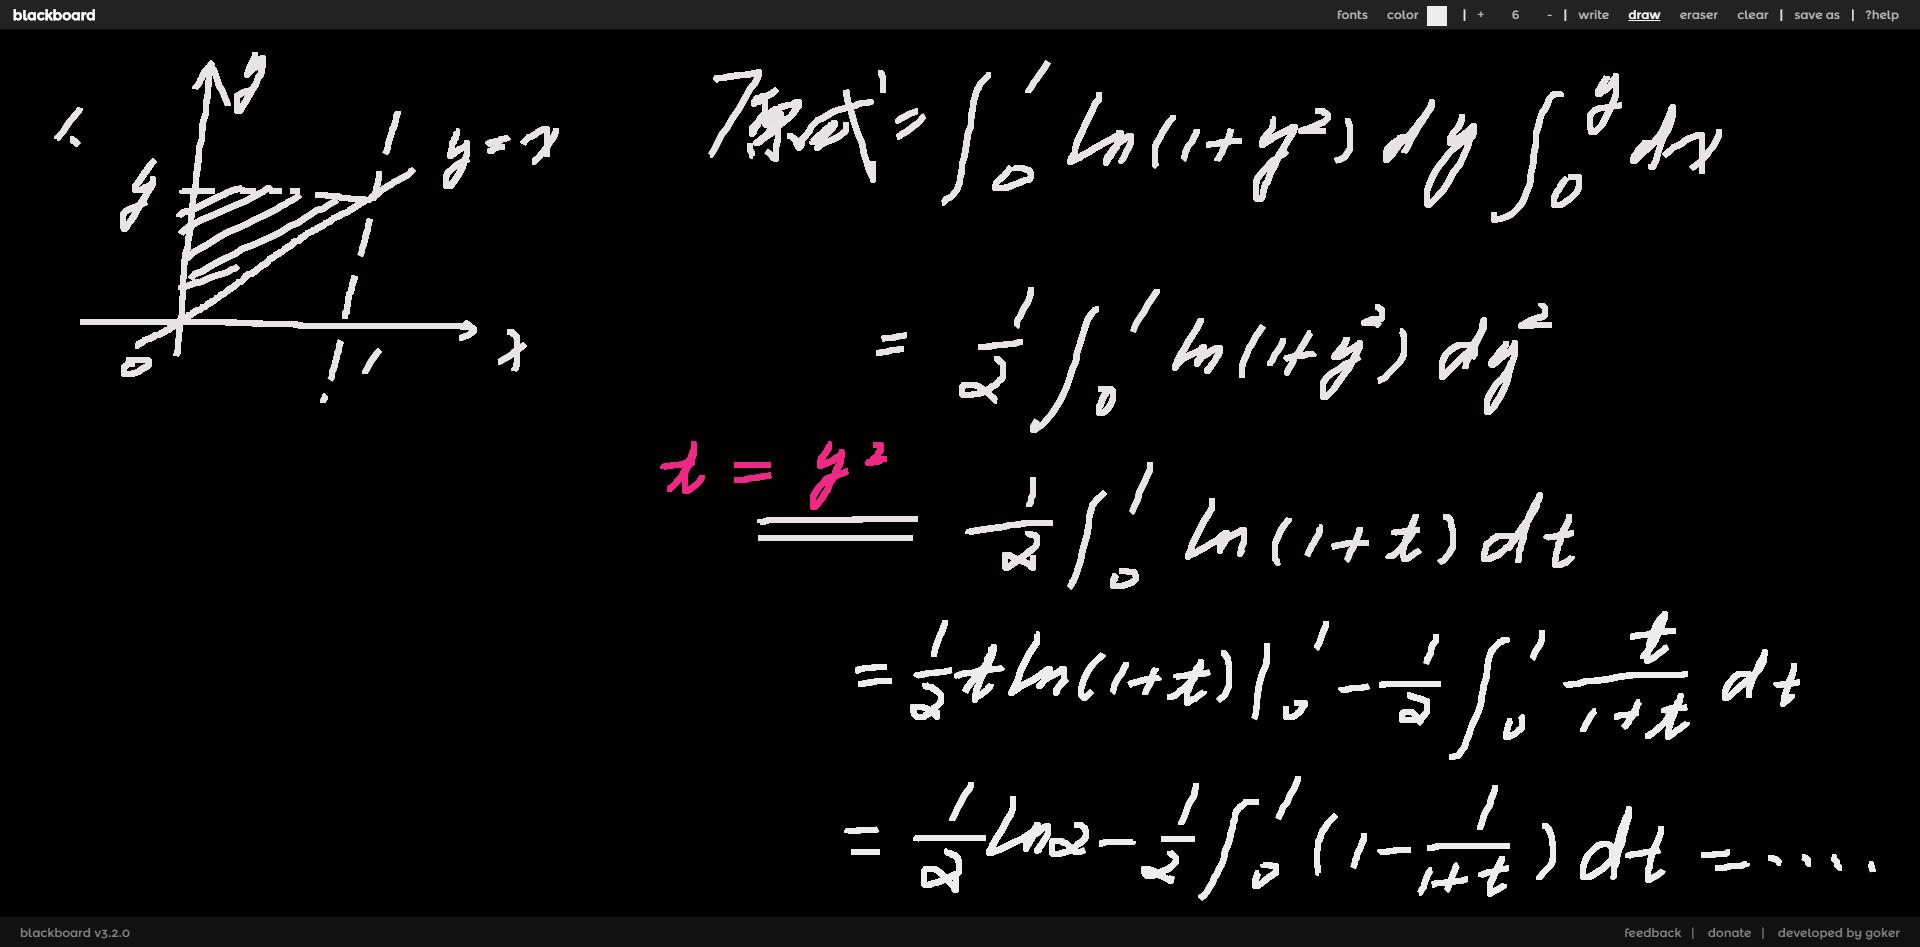 在那能批b,9?)??,y?,yf?x?_高数微积分 若f(x)是(a,b)上的无界函数,则存在(a,b)内的数列{xn}使得